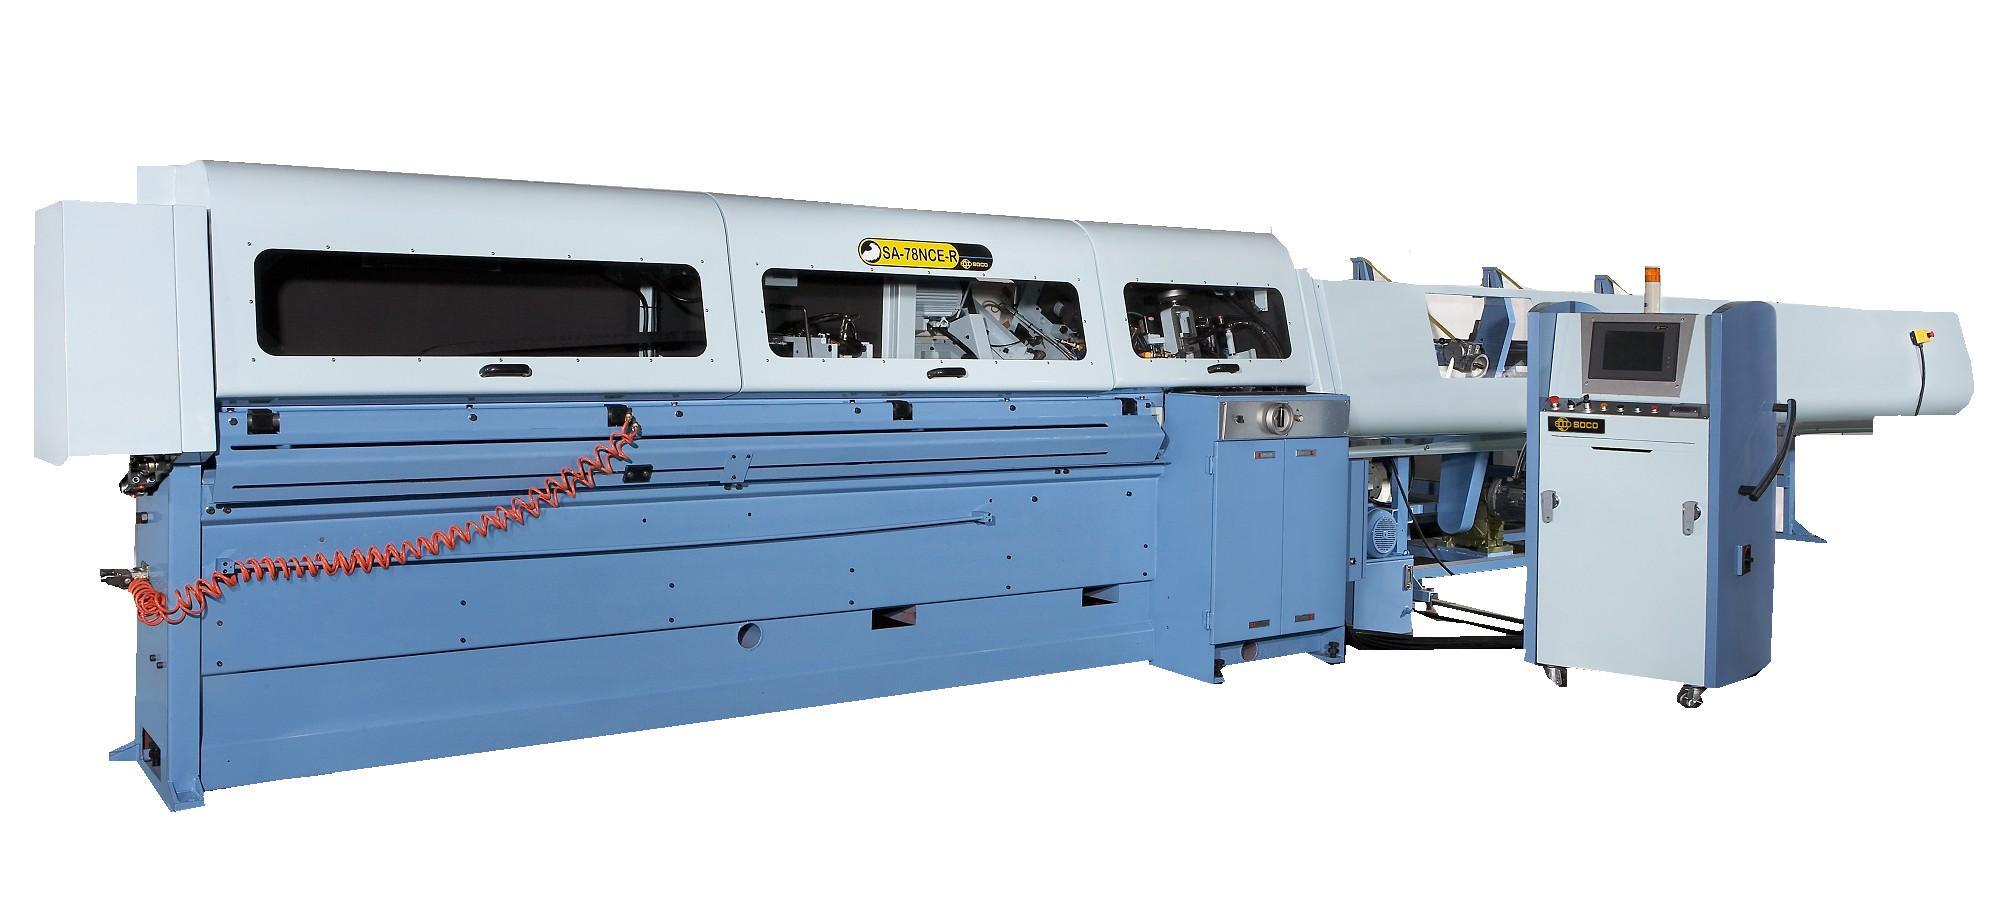 超高速高張力鋼管專用圓鋸機 / 和和機械股份有限公司